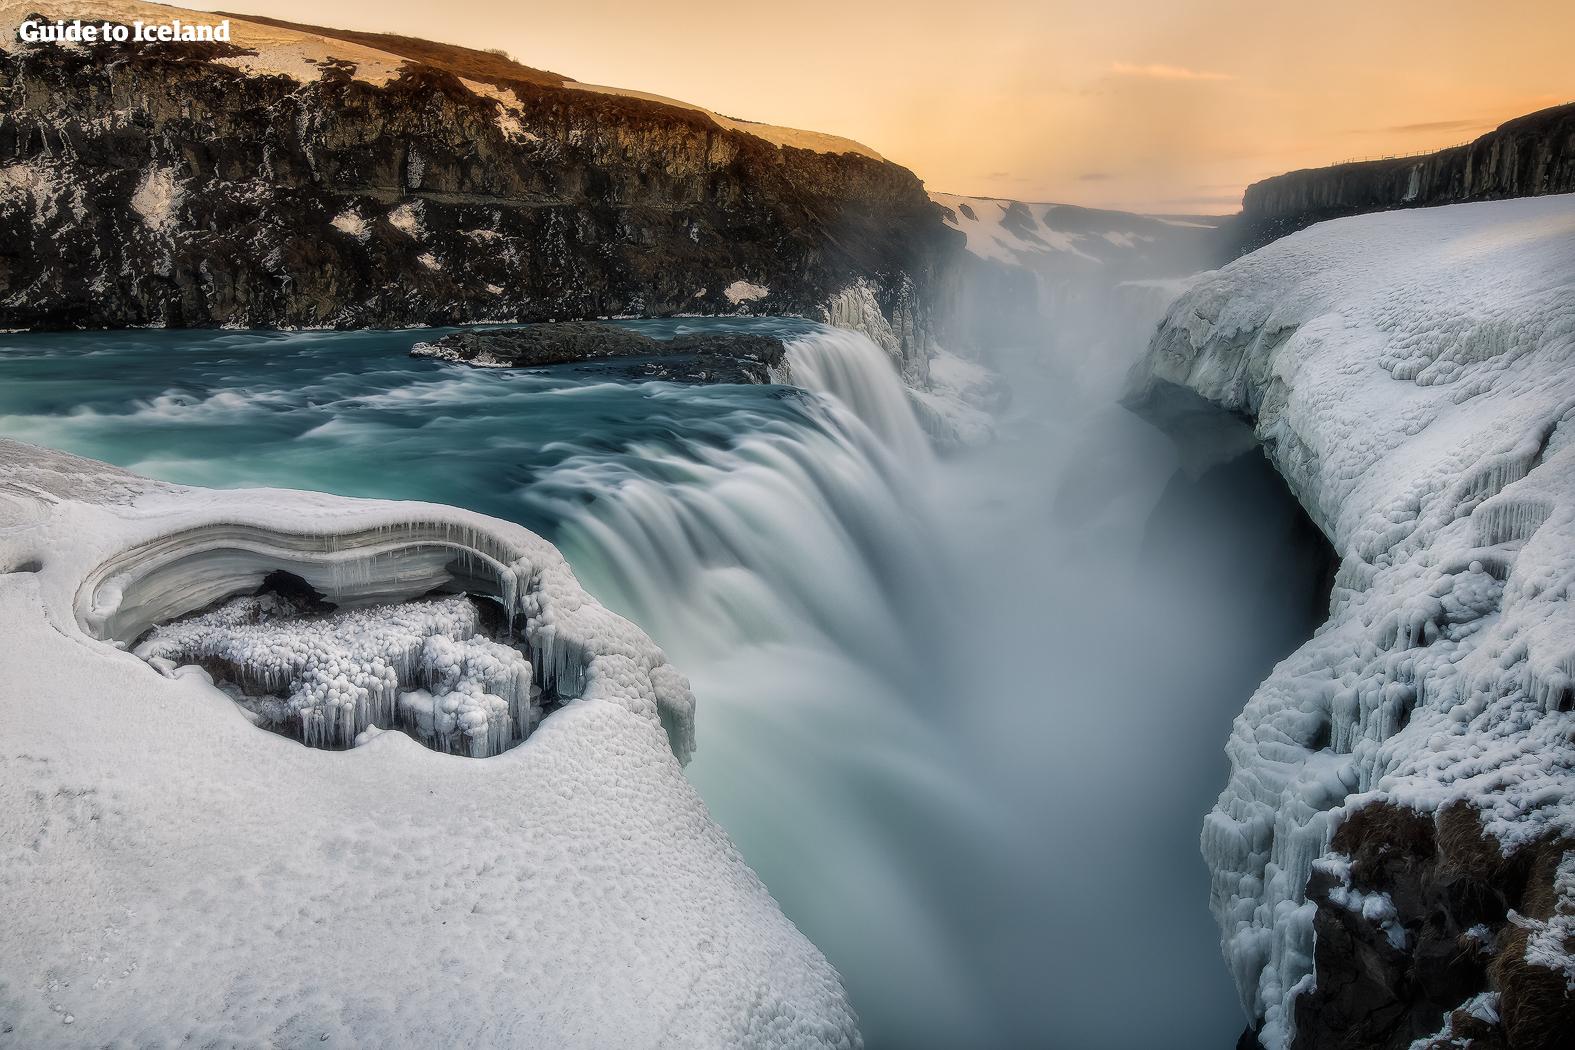 Gullfoss truena en un antiguo cañón, que en invierno, se ve envuelto en gruesas capas de nieve y hielo.